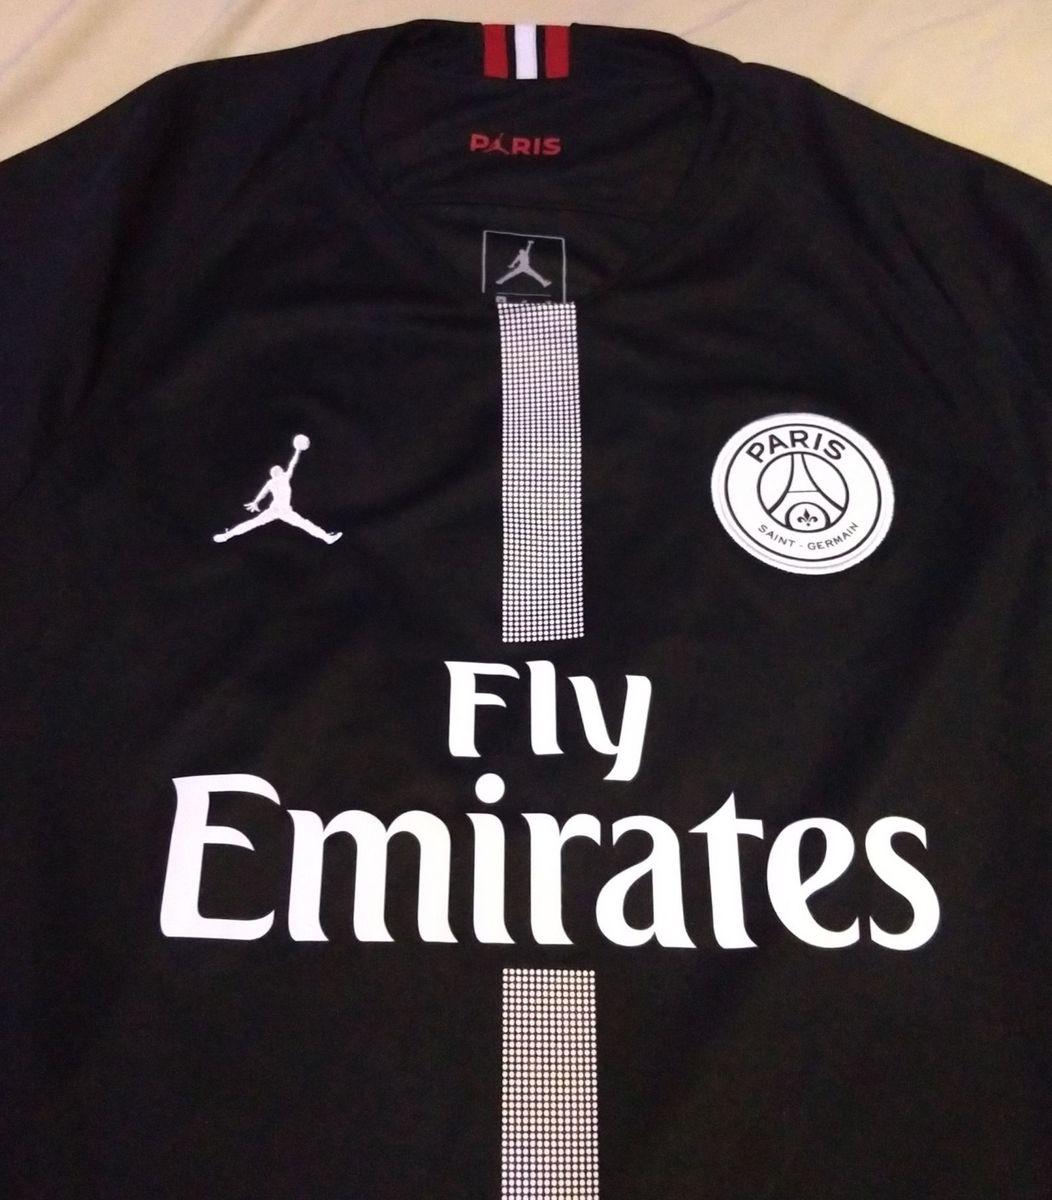 camisa nova psg x jordan torcedor - camisas nike.  Czm6ly9wag90b3muzw5qb2vplmnvbs5ici9wcm9kdwn0cy81mti1otc4lzjmodu1ztrhntg5mwm2m2qwm2i2mdexzji5oddhowjllmpwzw  ... 10259229418f1